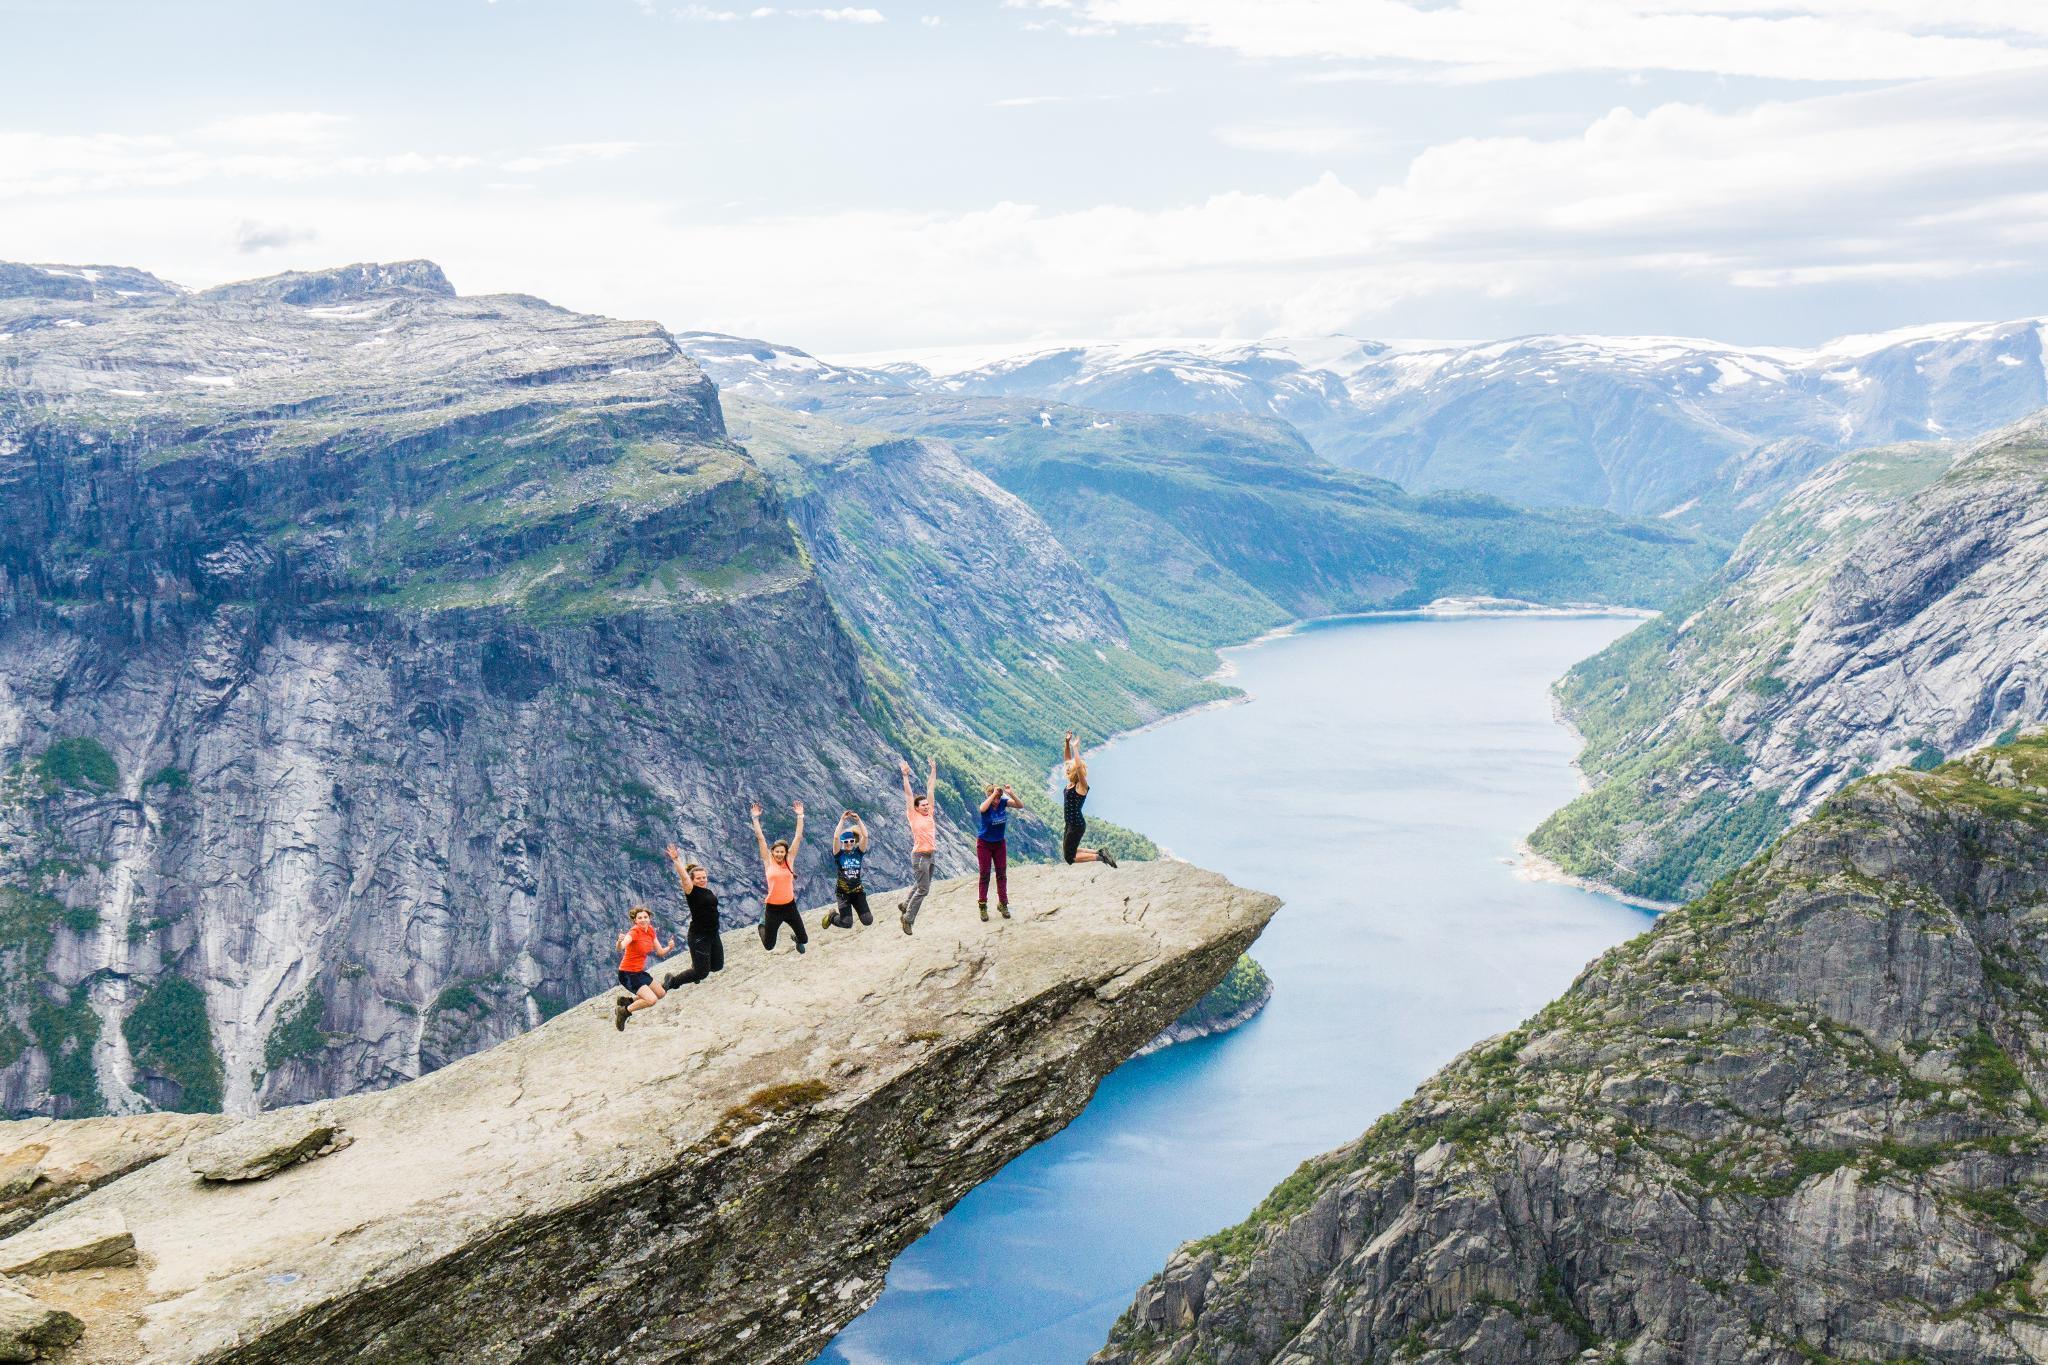 【北歐景點】挪威惡魔之舌 Trolltunga — 28公里健行挑戰全攻略 241